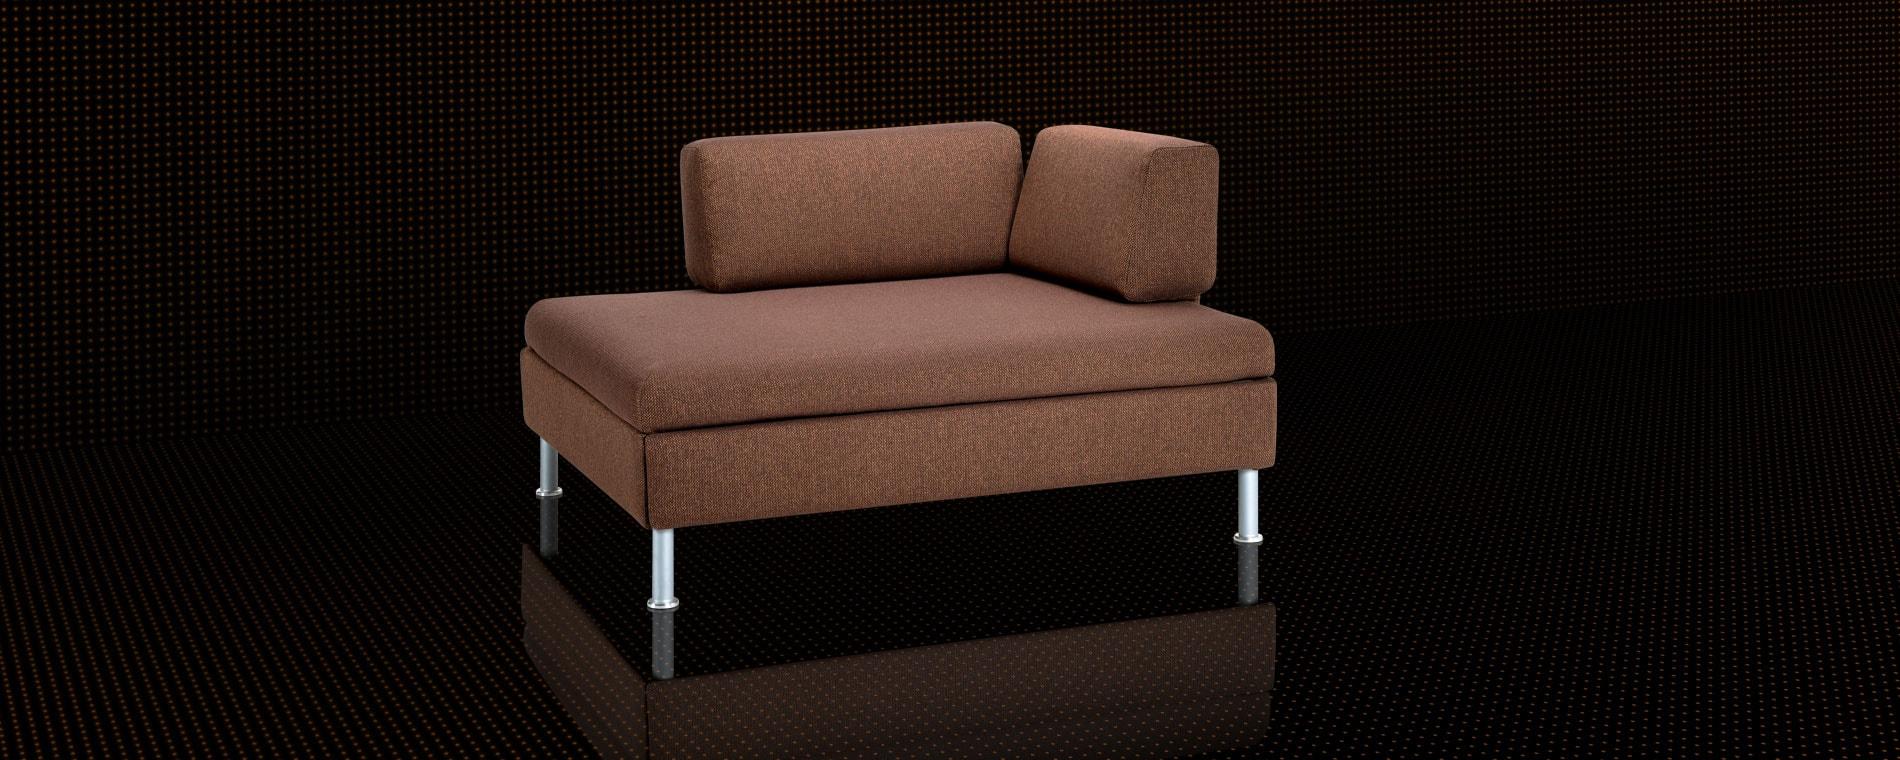 Das kompakte Schlafsofa BED for LIVING Duetto in braun mit Säulenfüssen.